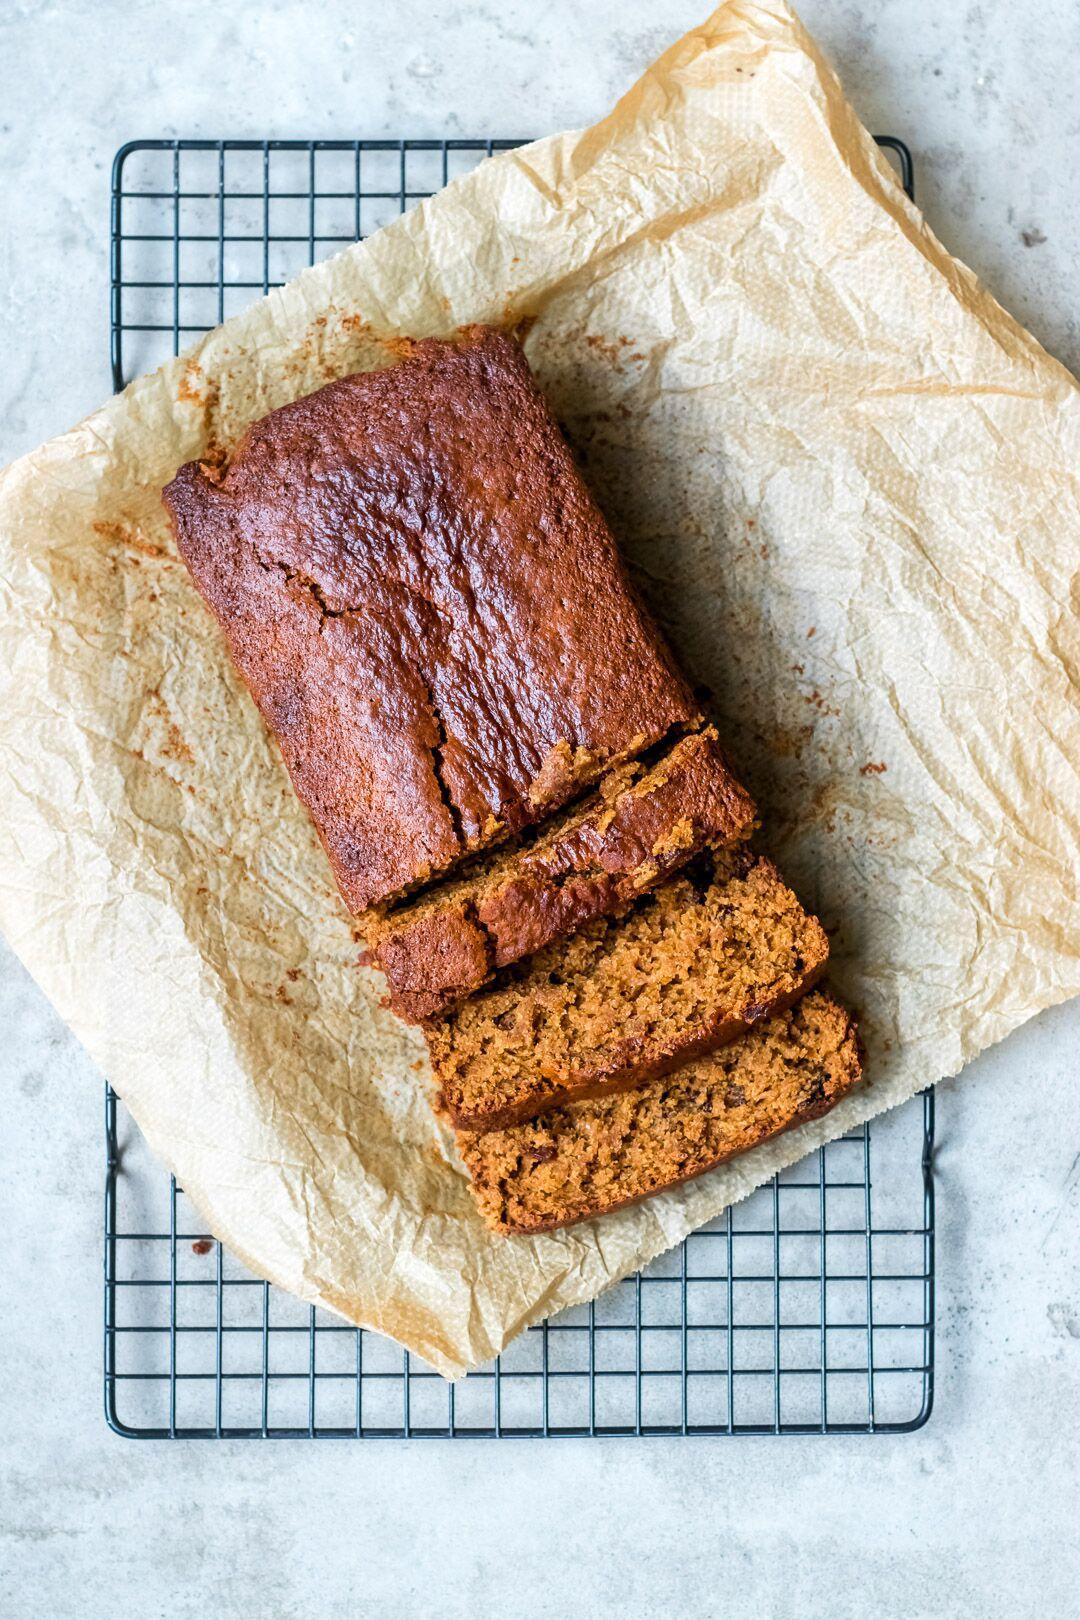 Gingerbread Loaf Deliciously Ella Recipes Food